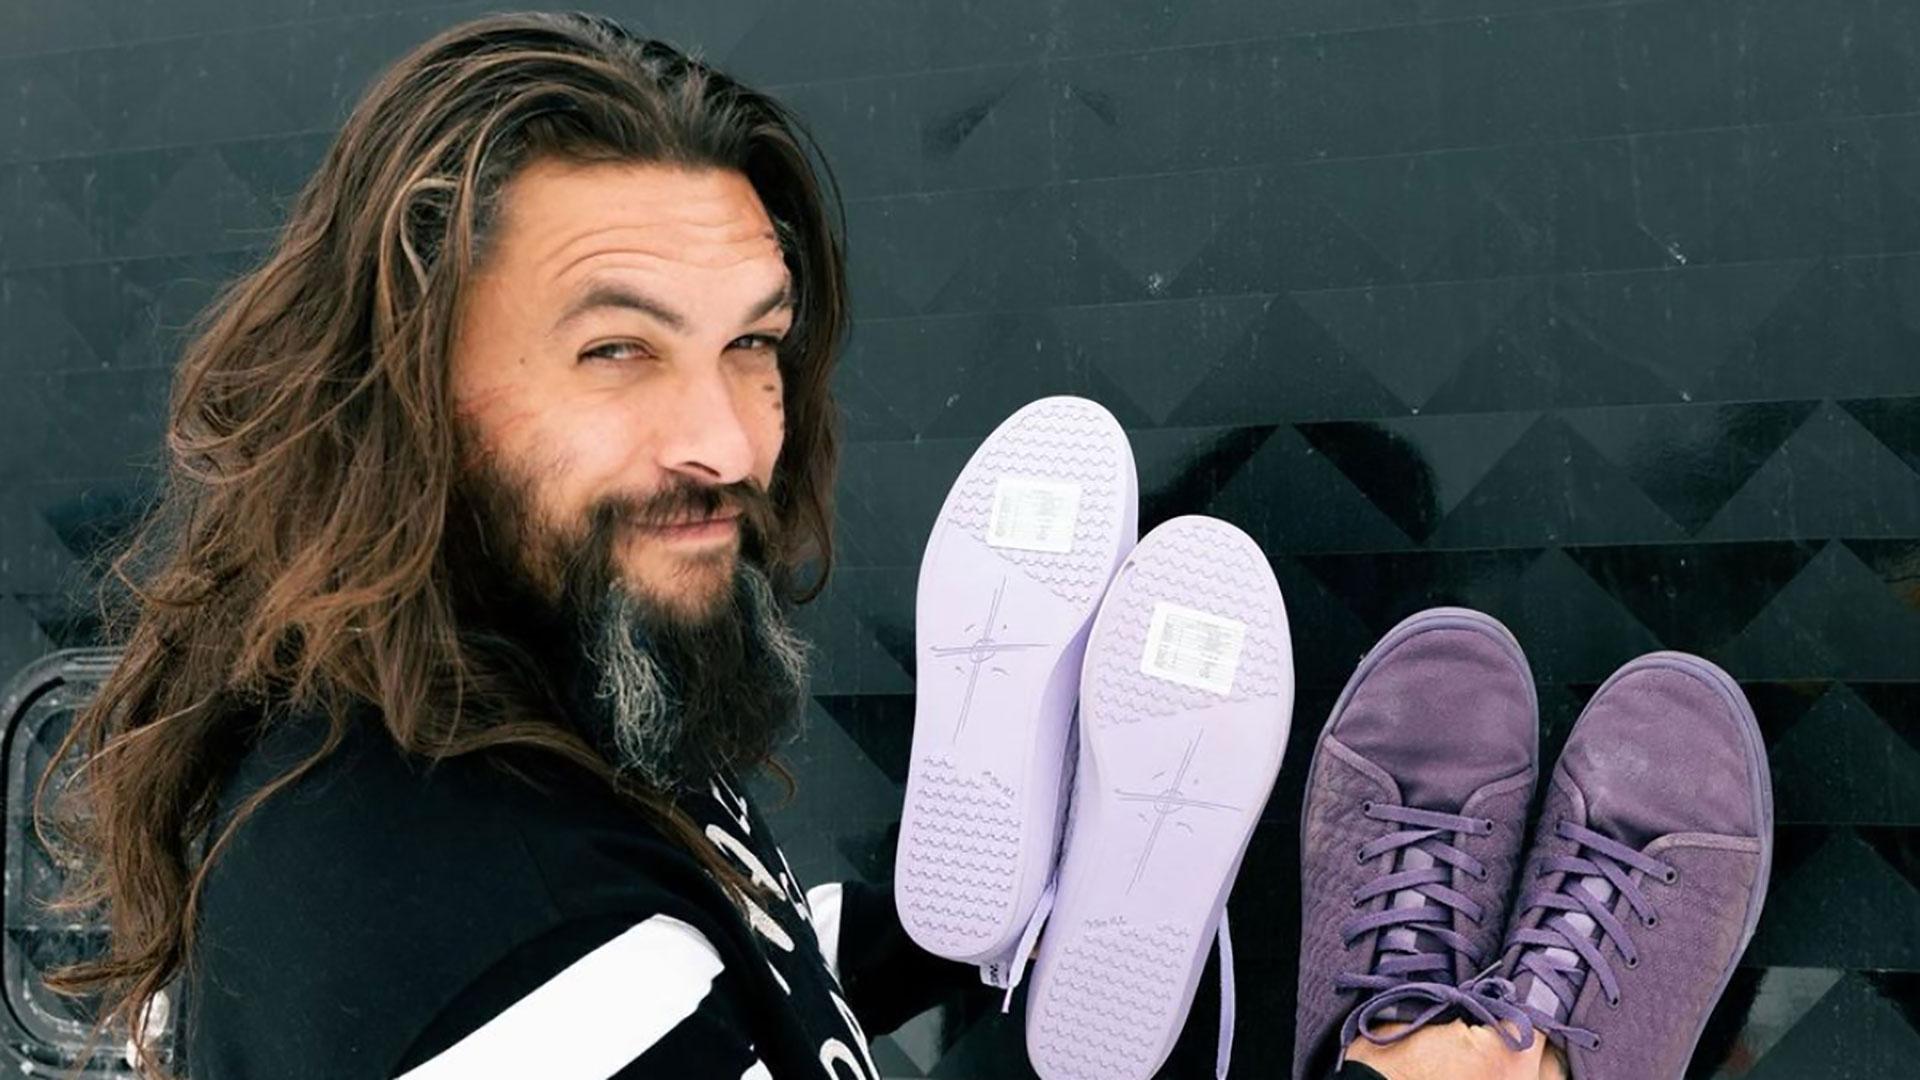 Alla scoperta delle nuove sneakers vegan di Jason Momoa